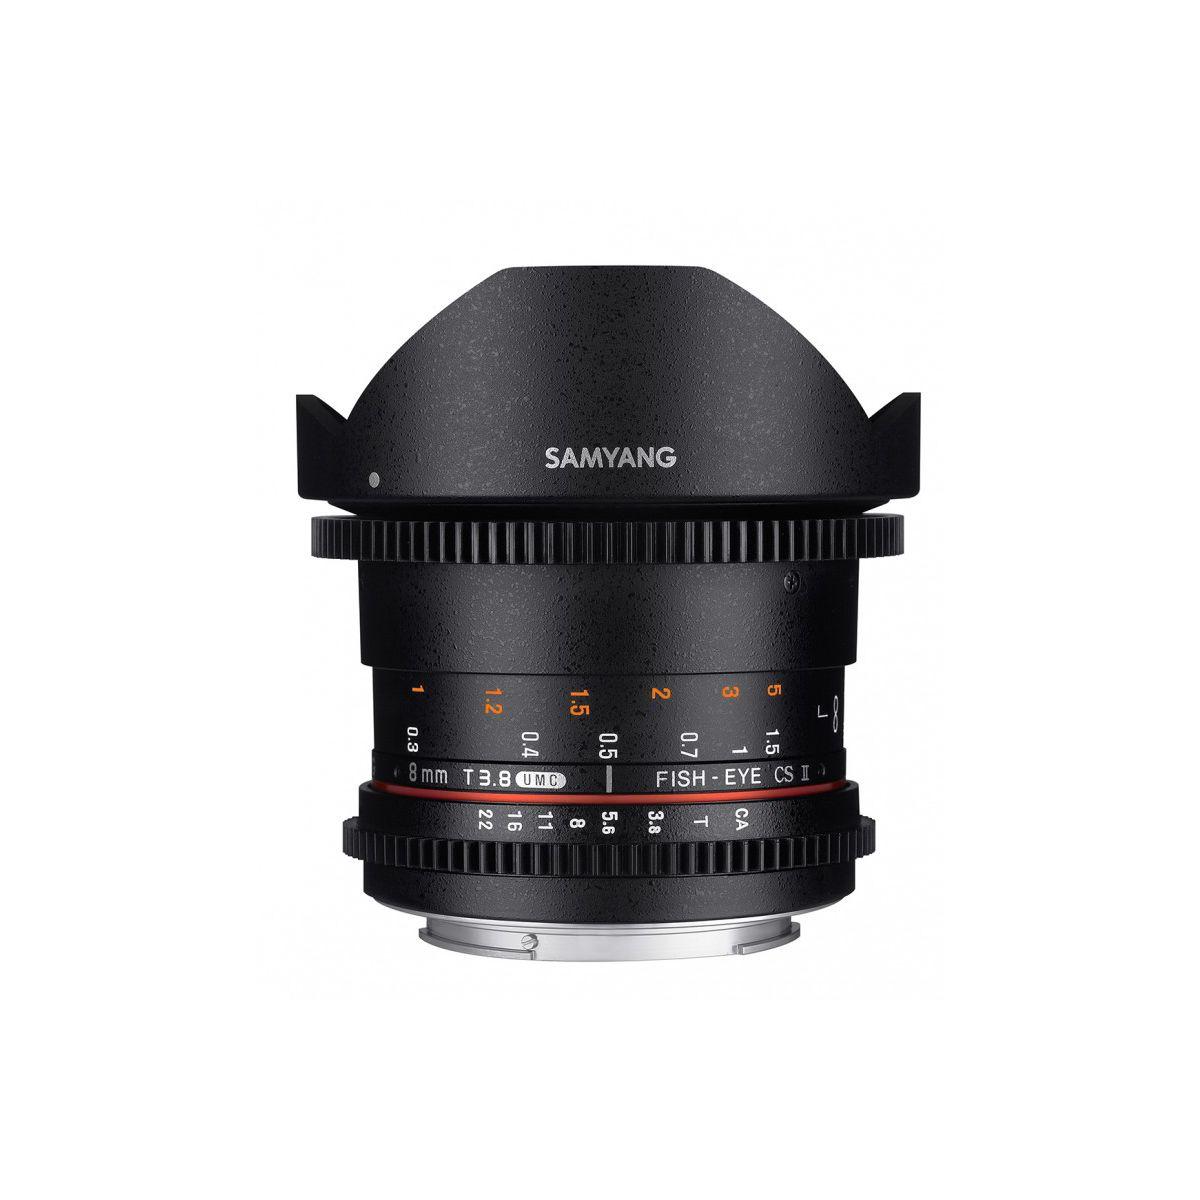 Objectif pour Reflex SAMYANG 8mm T3.8 Fisheye CS II VDSLR II C...